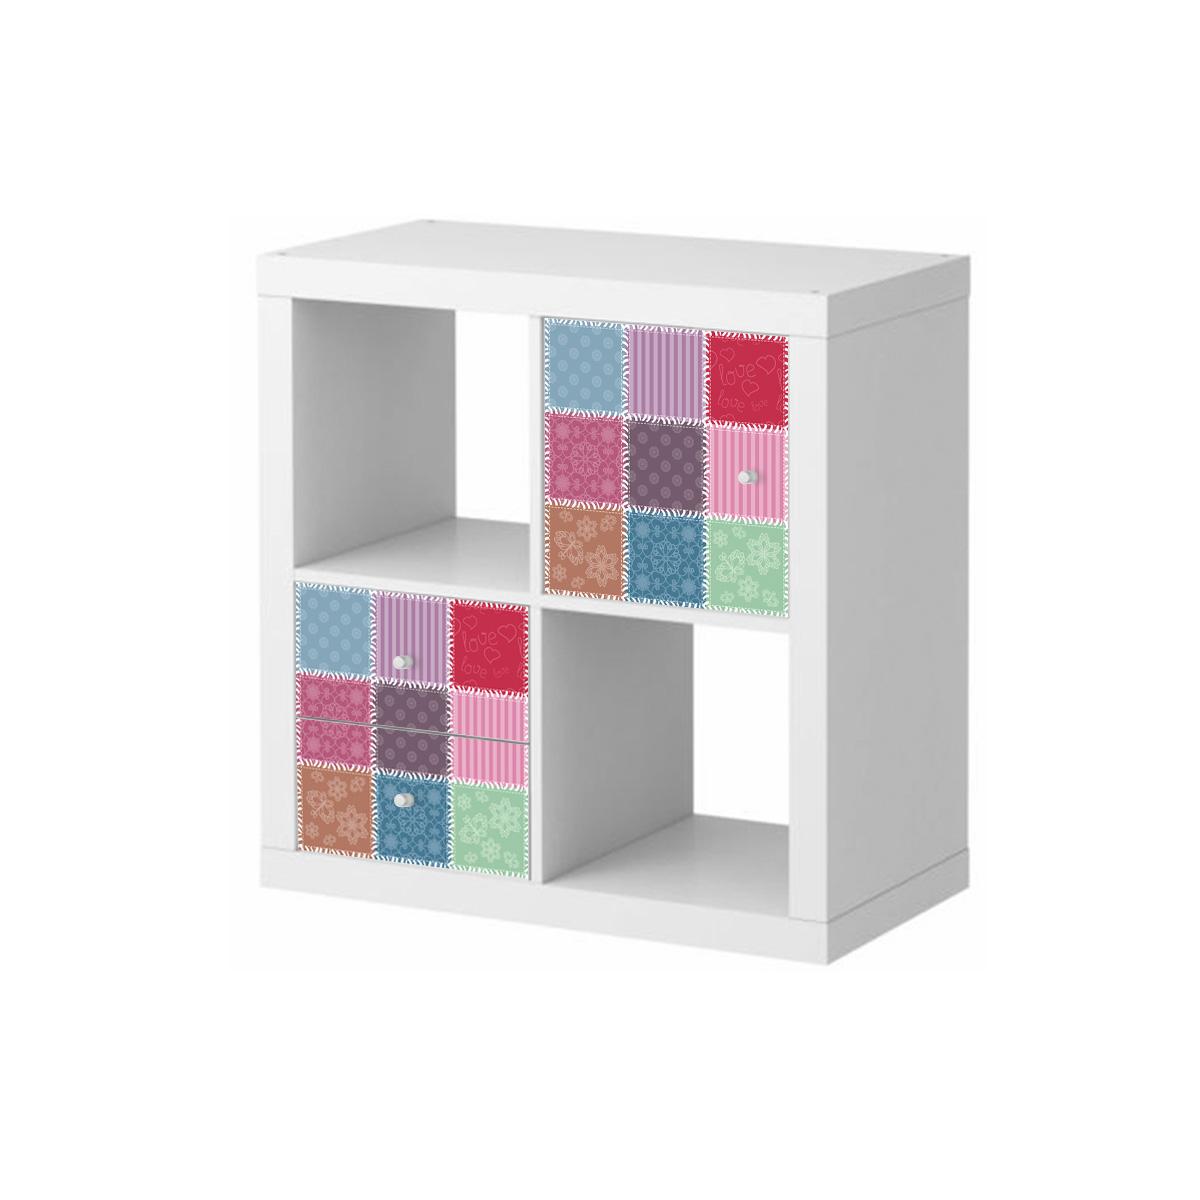 stickers meubles ikea stickers meubles ikea patchwork. Black Bedroom Furniture Sets. Home Design Ideas